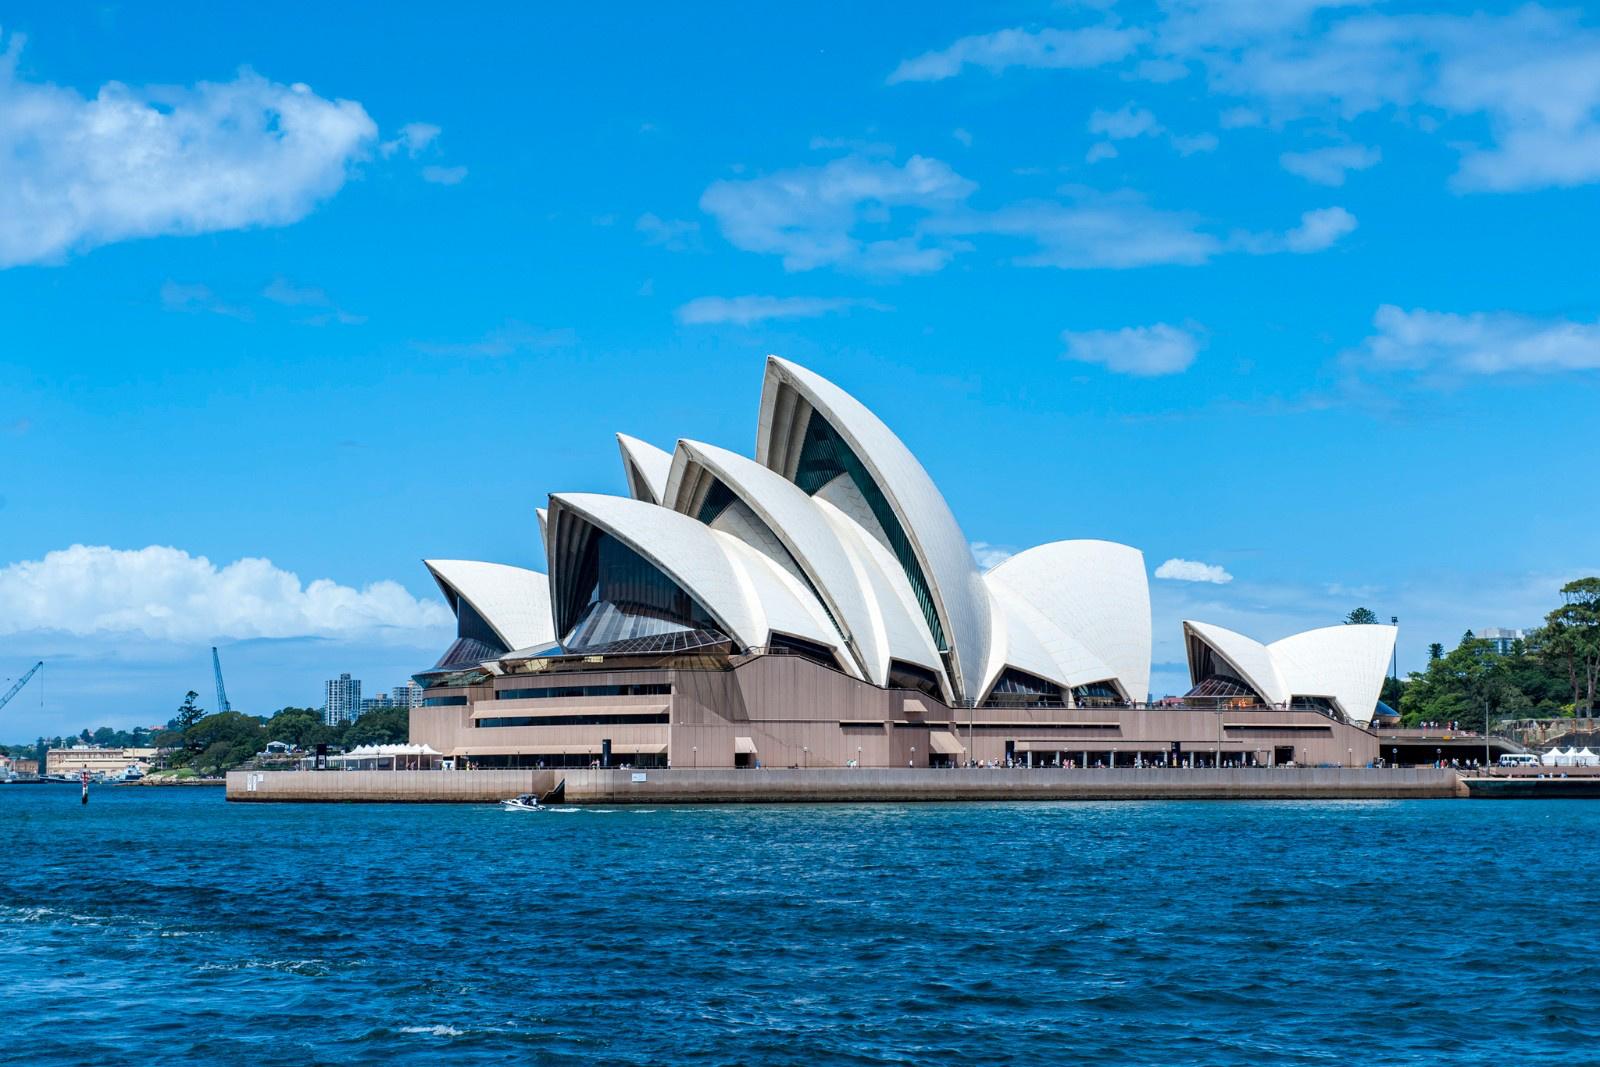 悉尼国际电影节宣布正式取消 观众可退票或延期